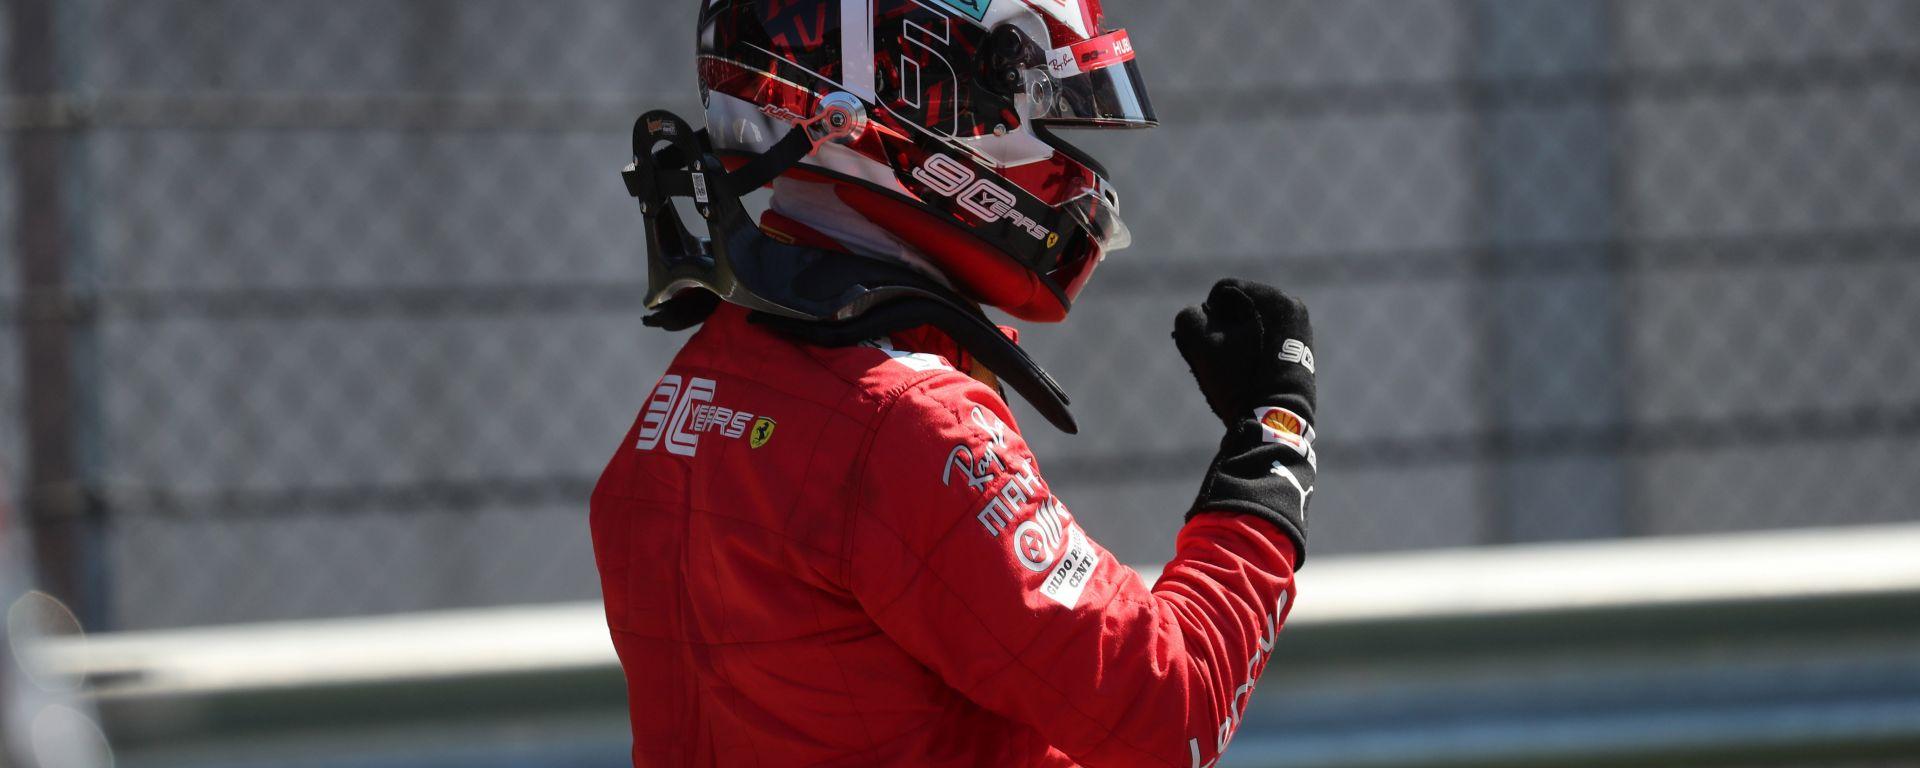 F1 GP Austria 2019, Charles Leclerc esulta dopo aver centrato la pole position